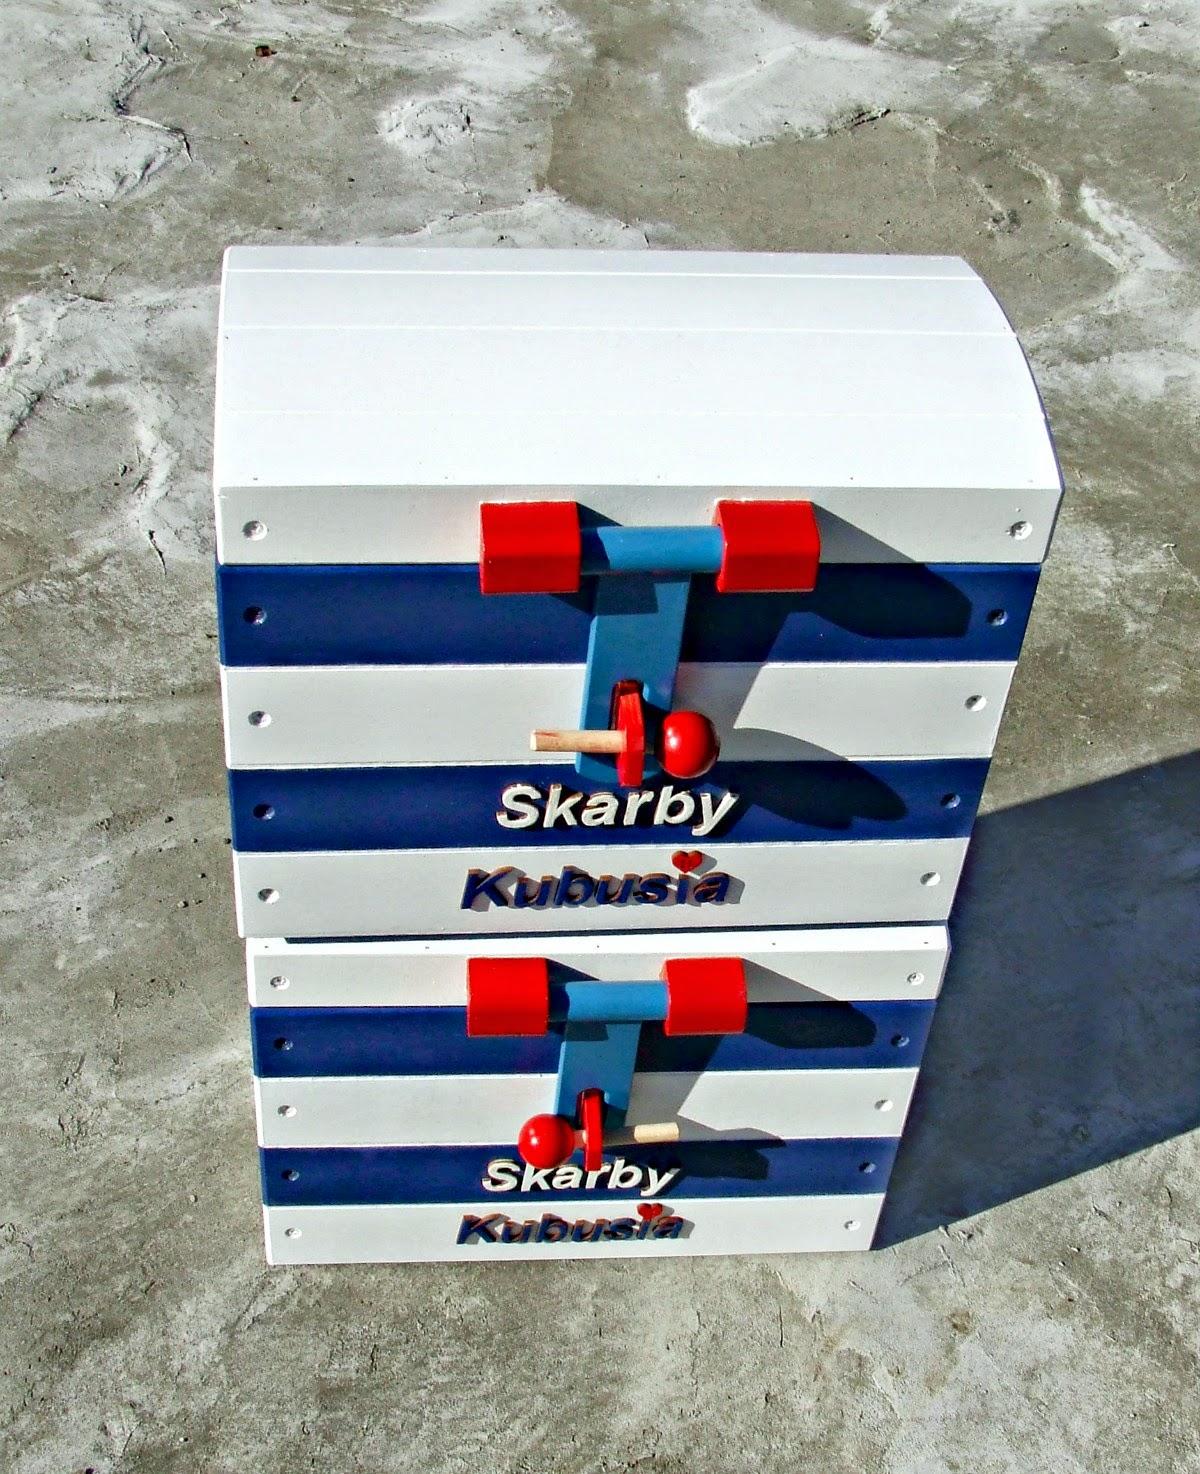 skrzynie kufry na zabawki w marynarskim stylu - pokój dla dziecka w marynistycznym klimacie Eco Manufaktura